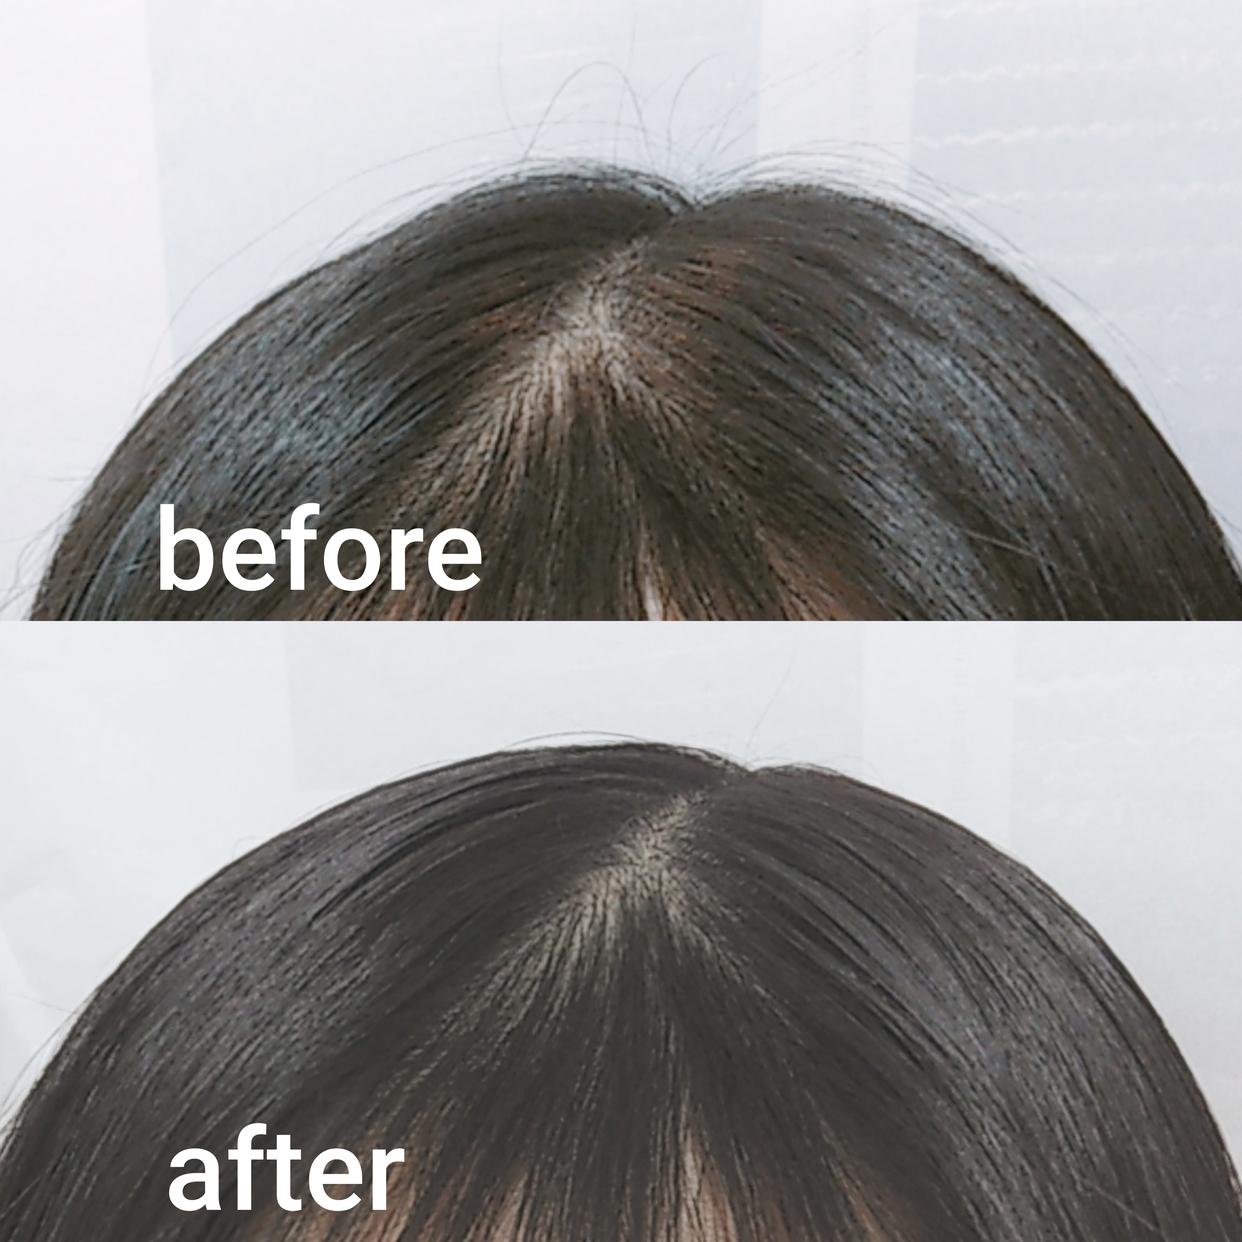 matomage(マトメージュ) まとめ髪スティック スーパーホールドを使ったのあ🧸さんのクチコミ画像3